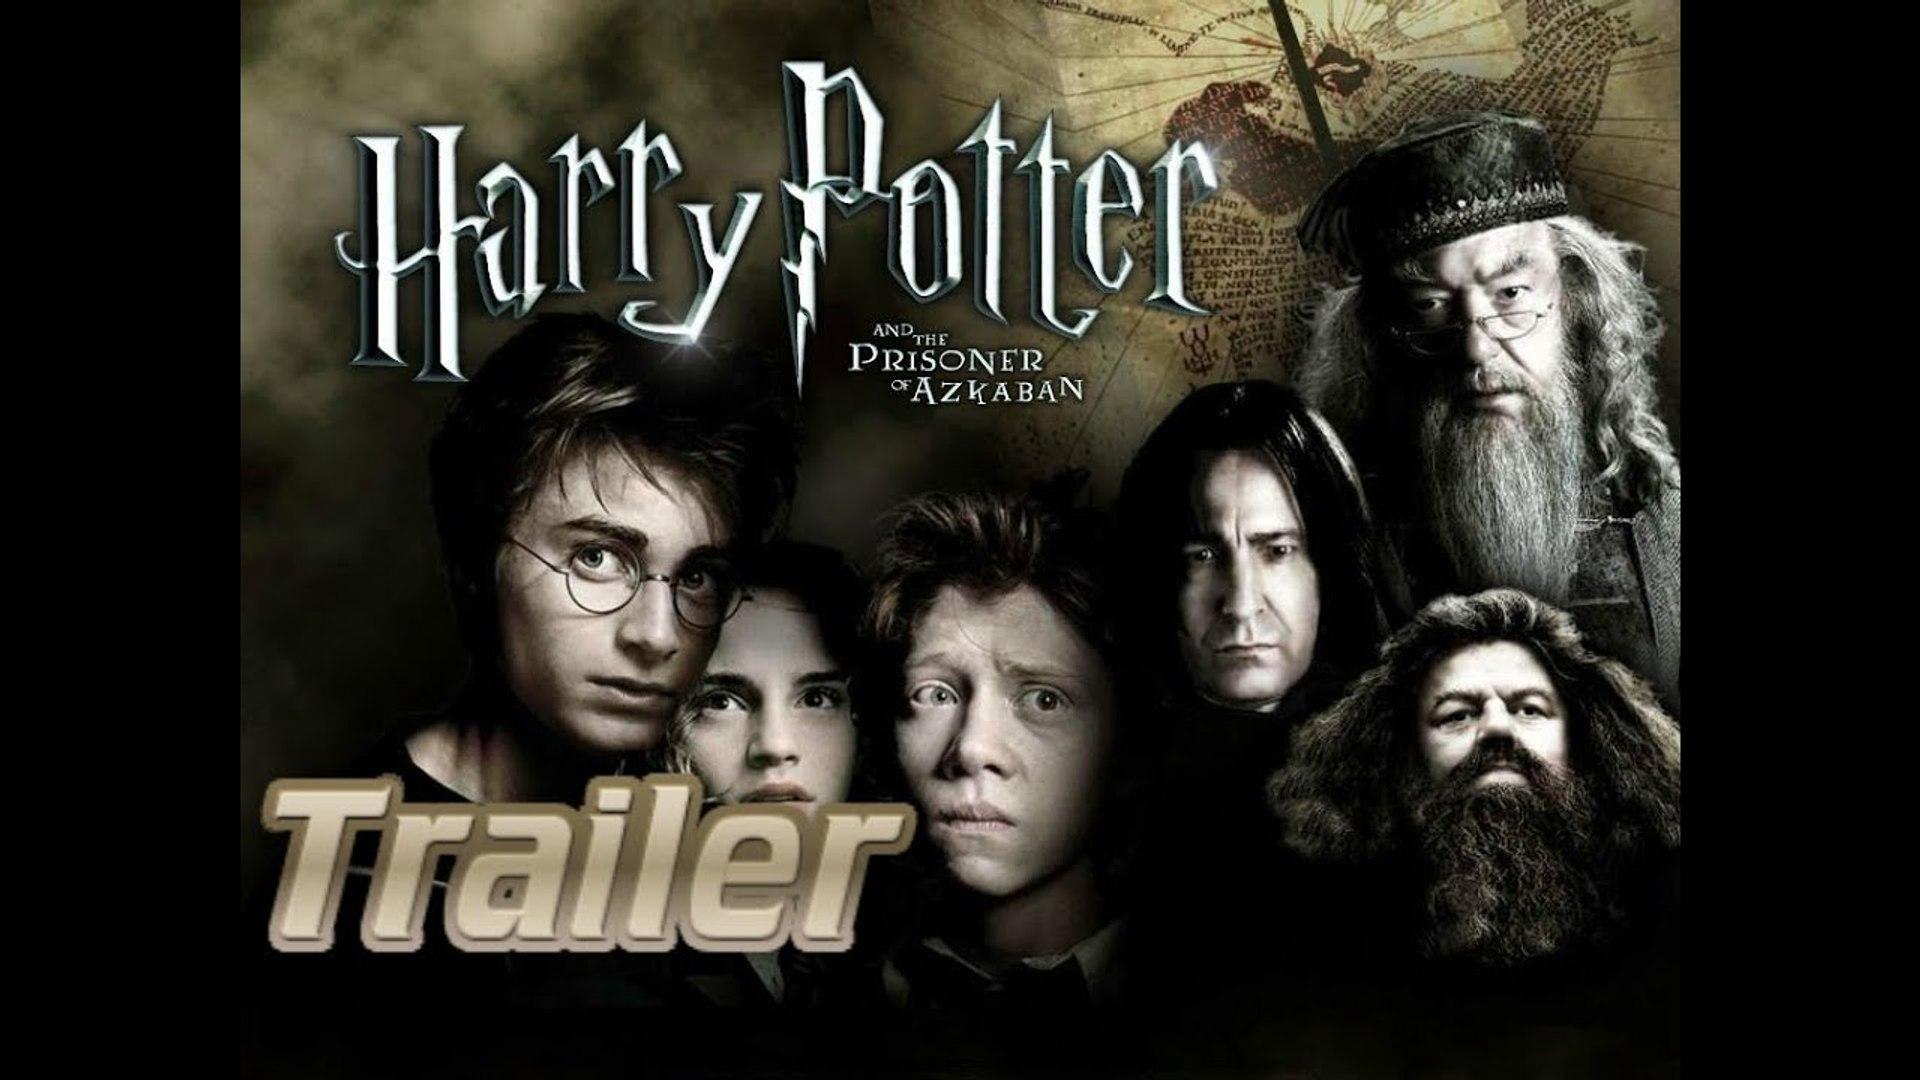 harry potter 3 full movie online free